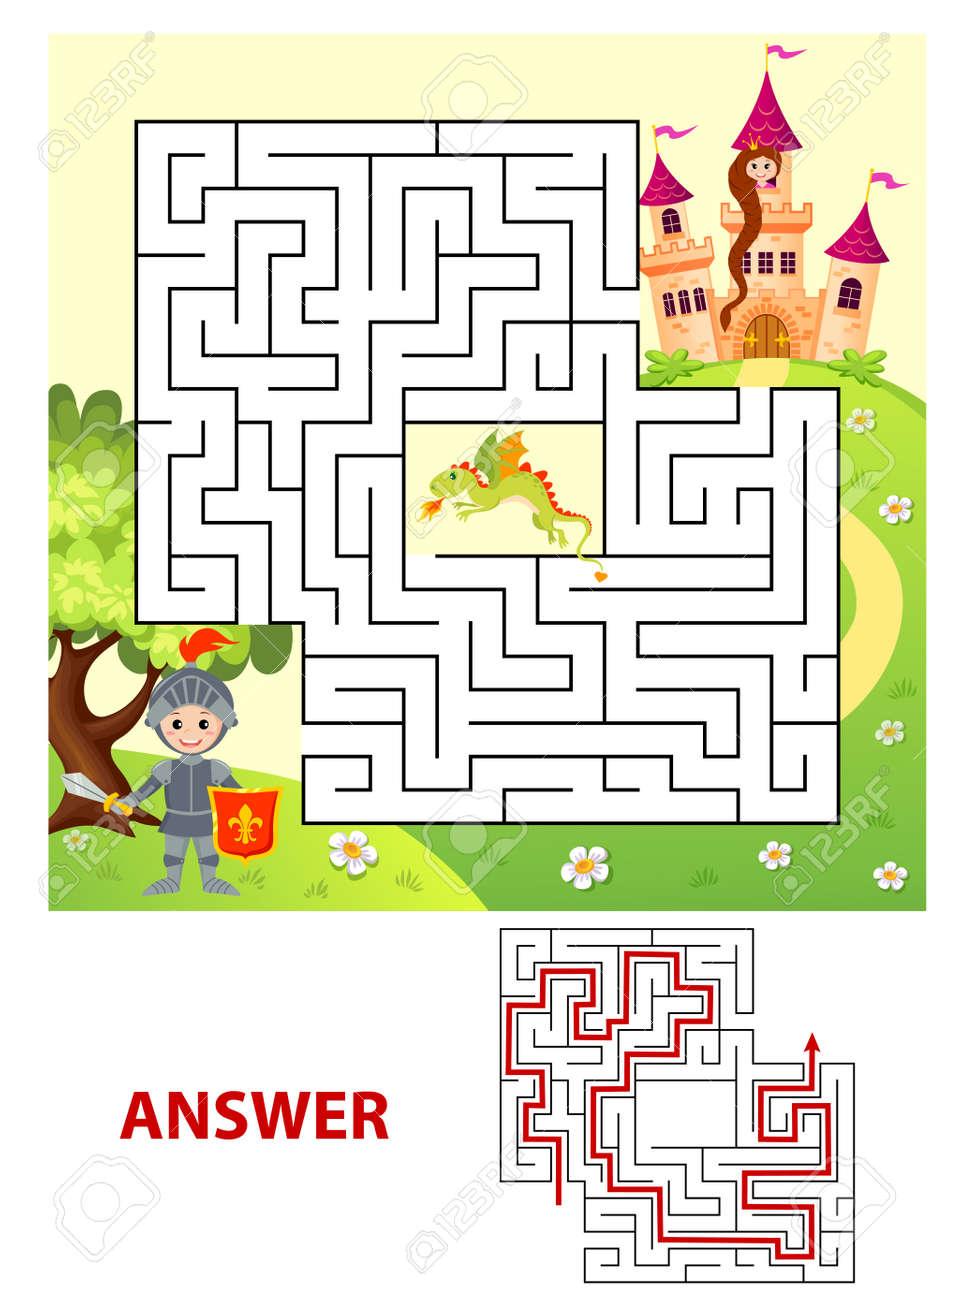 Hilfe Ritter Weg Zur Prinzessin Finden. Labyrinth. Maze Spiel Für ...